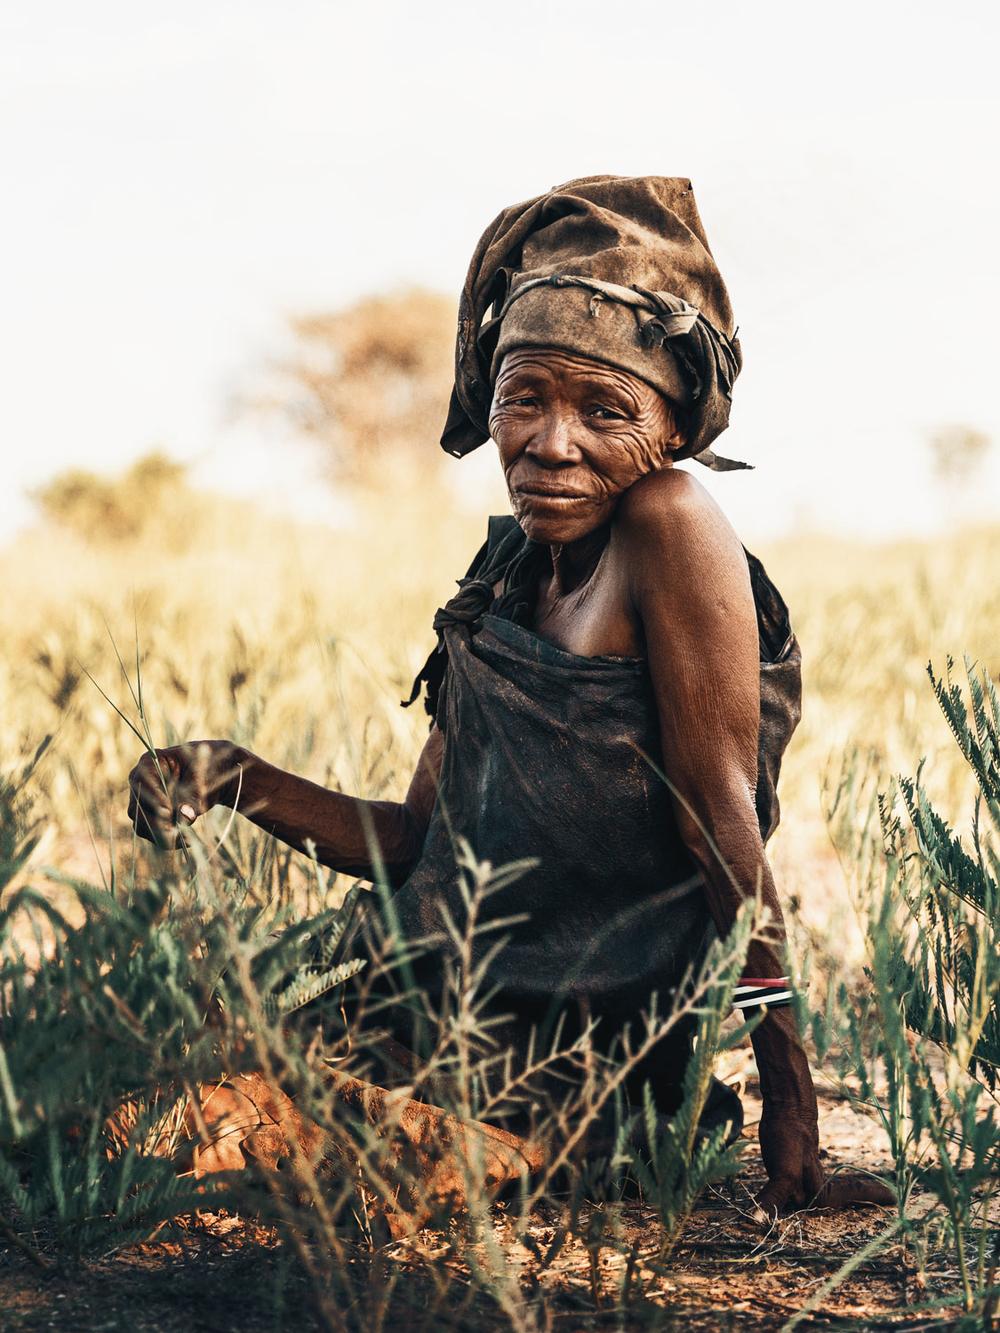 CallieGiovanna_Africa_Botswana_Kalahari_20150101_03057.jpg